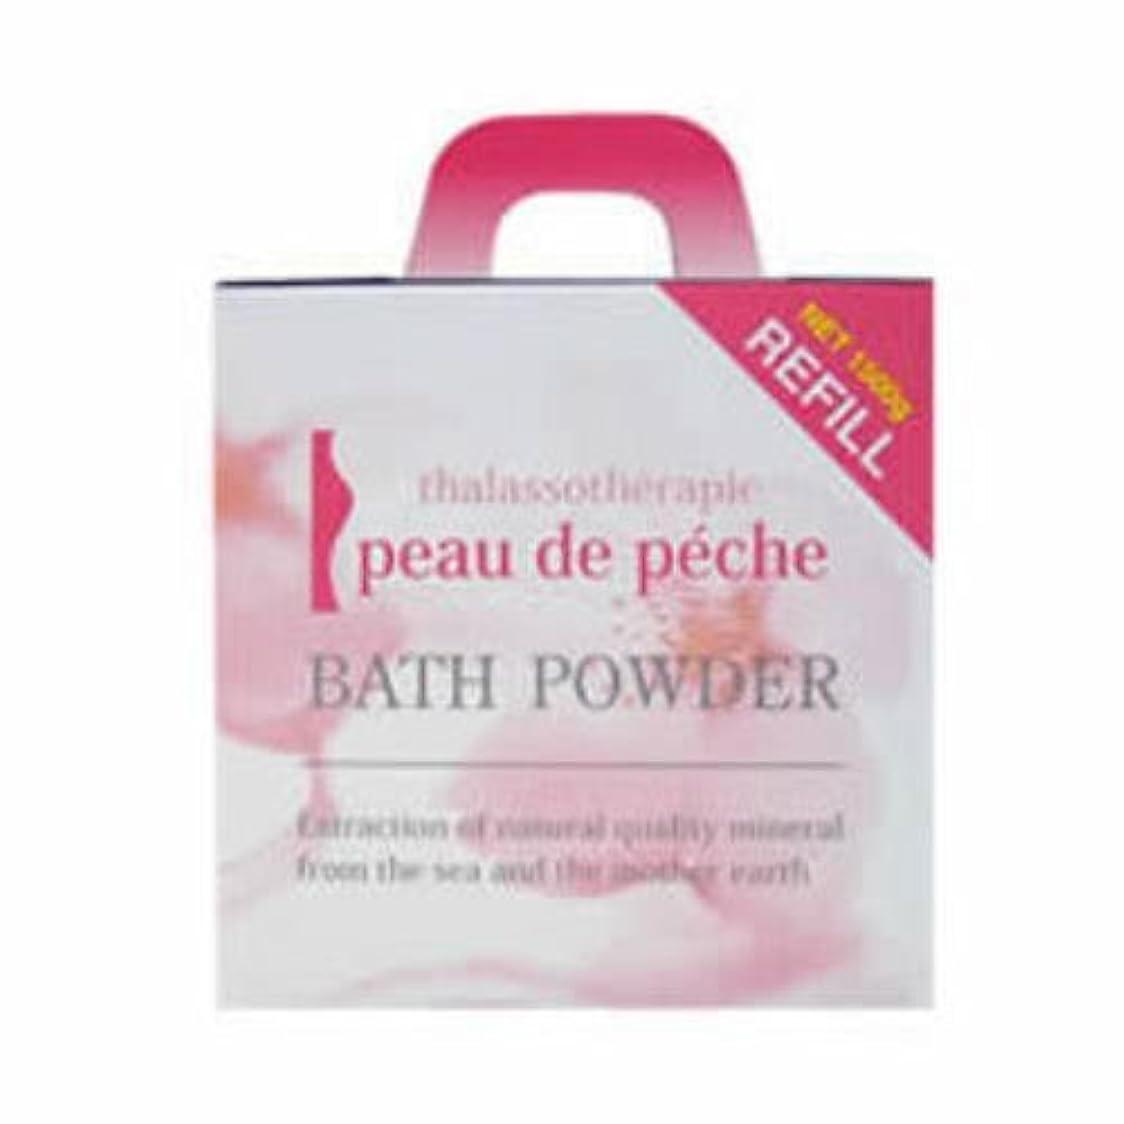 アコード留まるスーパーpeau de peche BATH POWDER ポードペシェバスパウダー 詰替用1500g